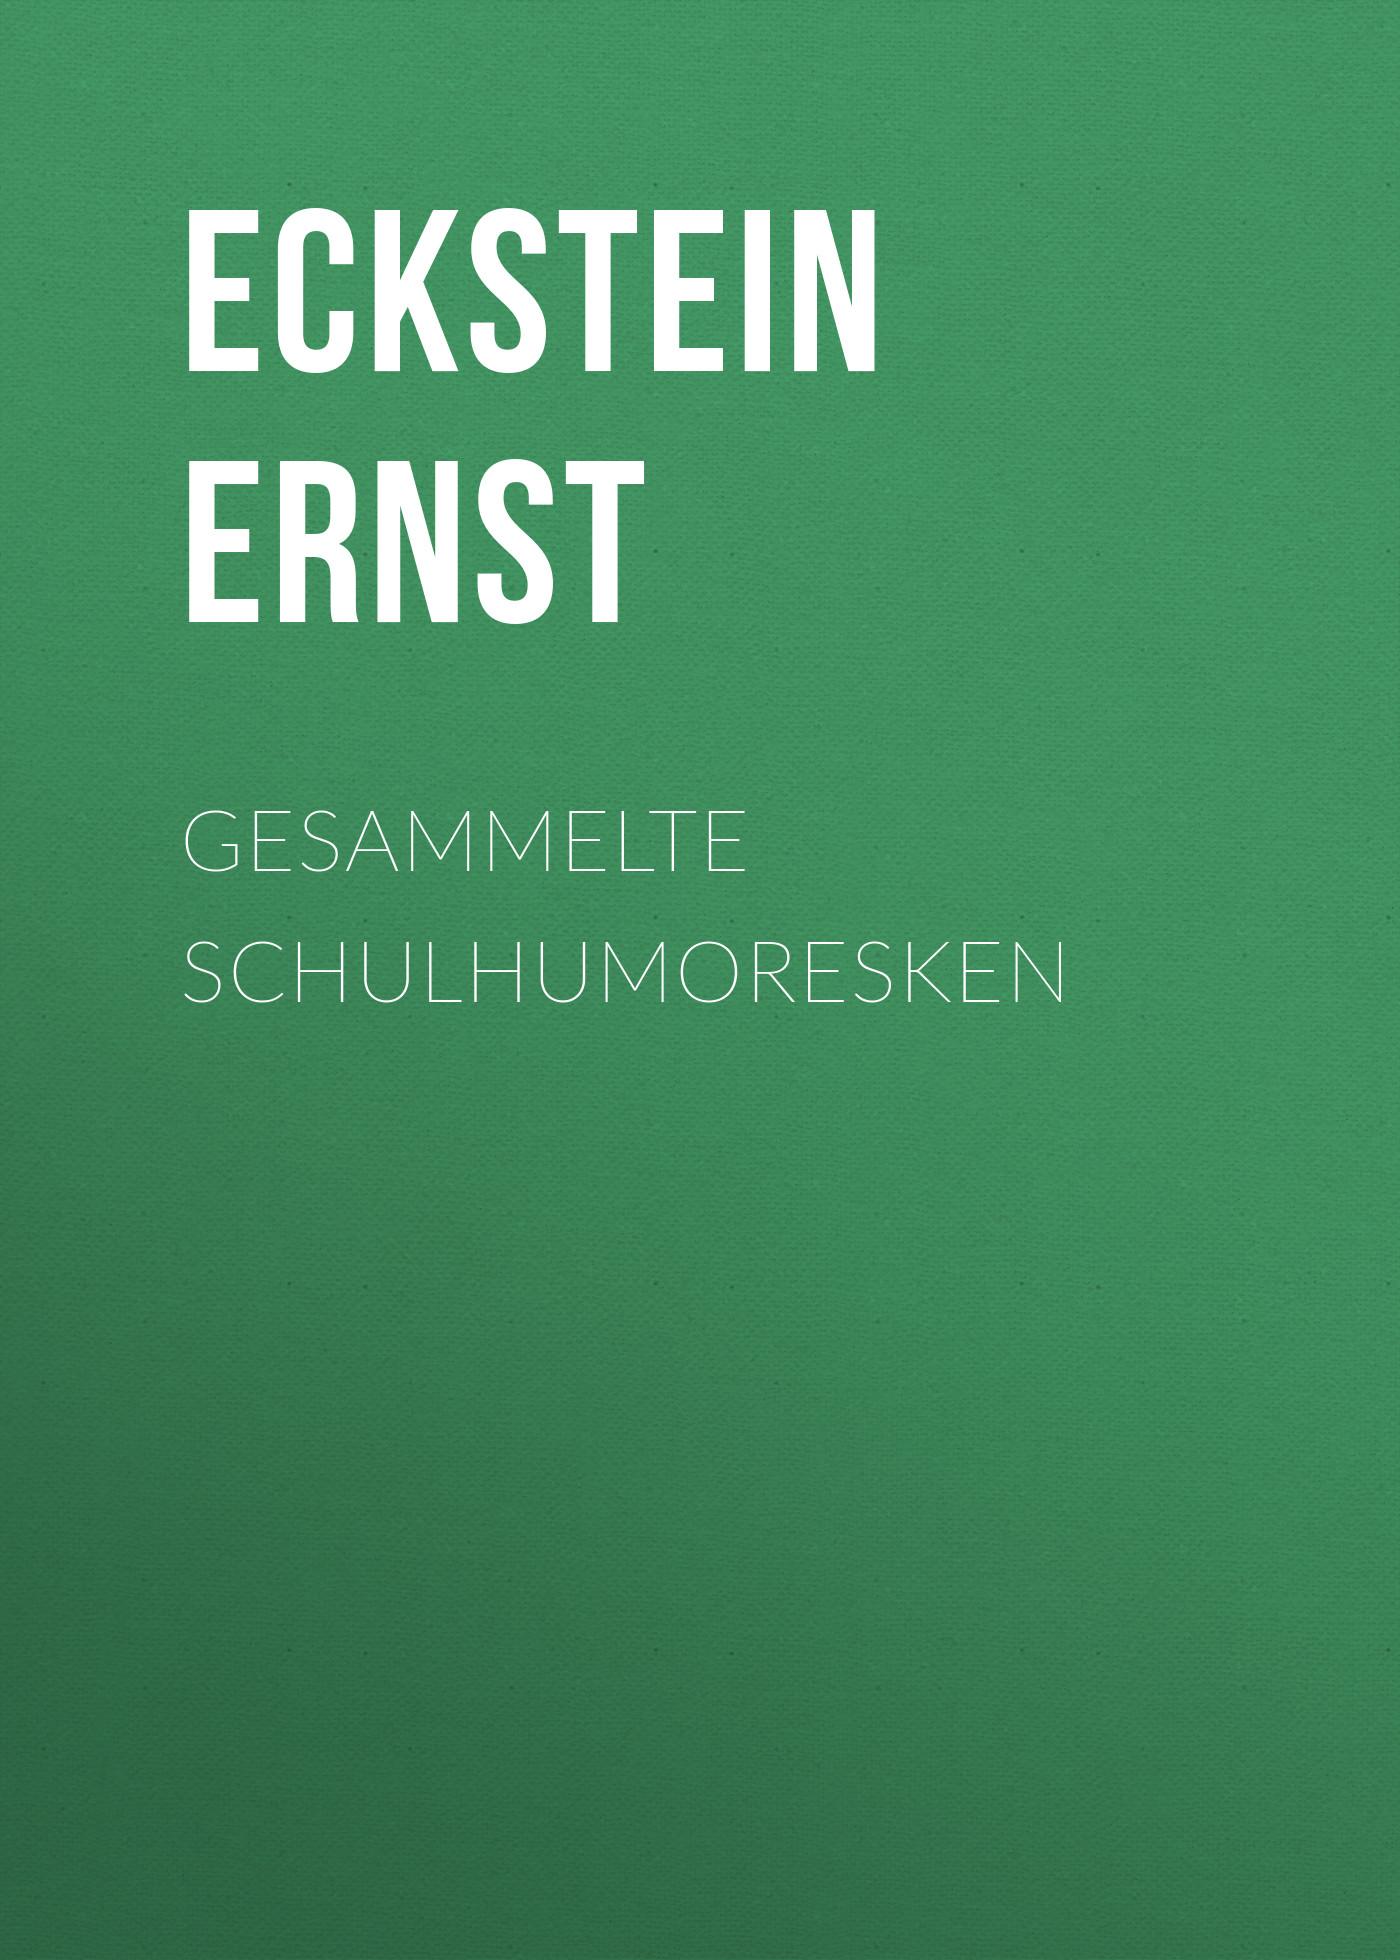 Eckstein Ernst Gesammelte Schulhumoresken серьги из золота с фианитами